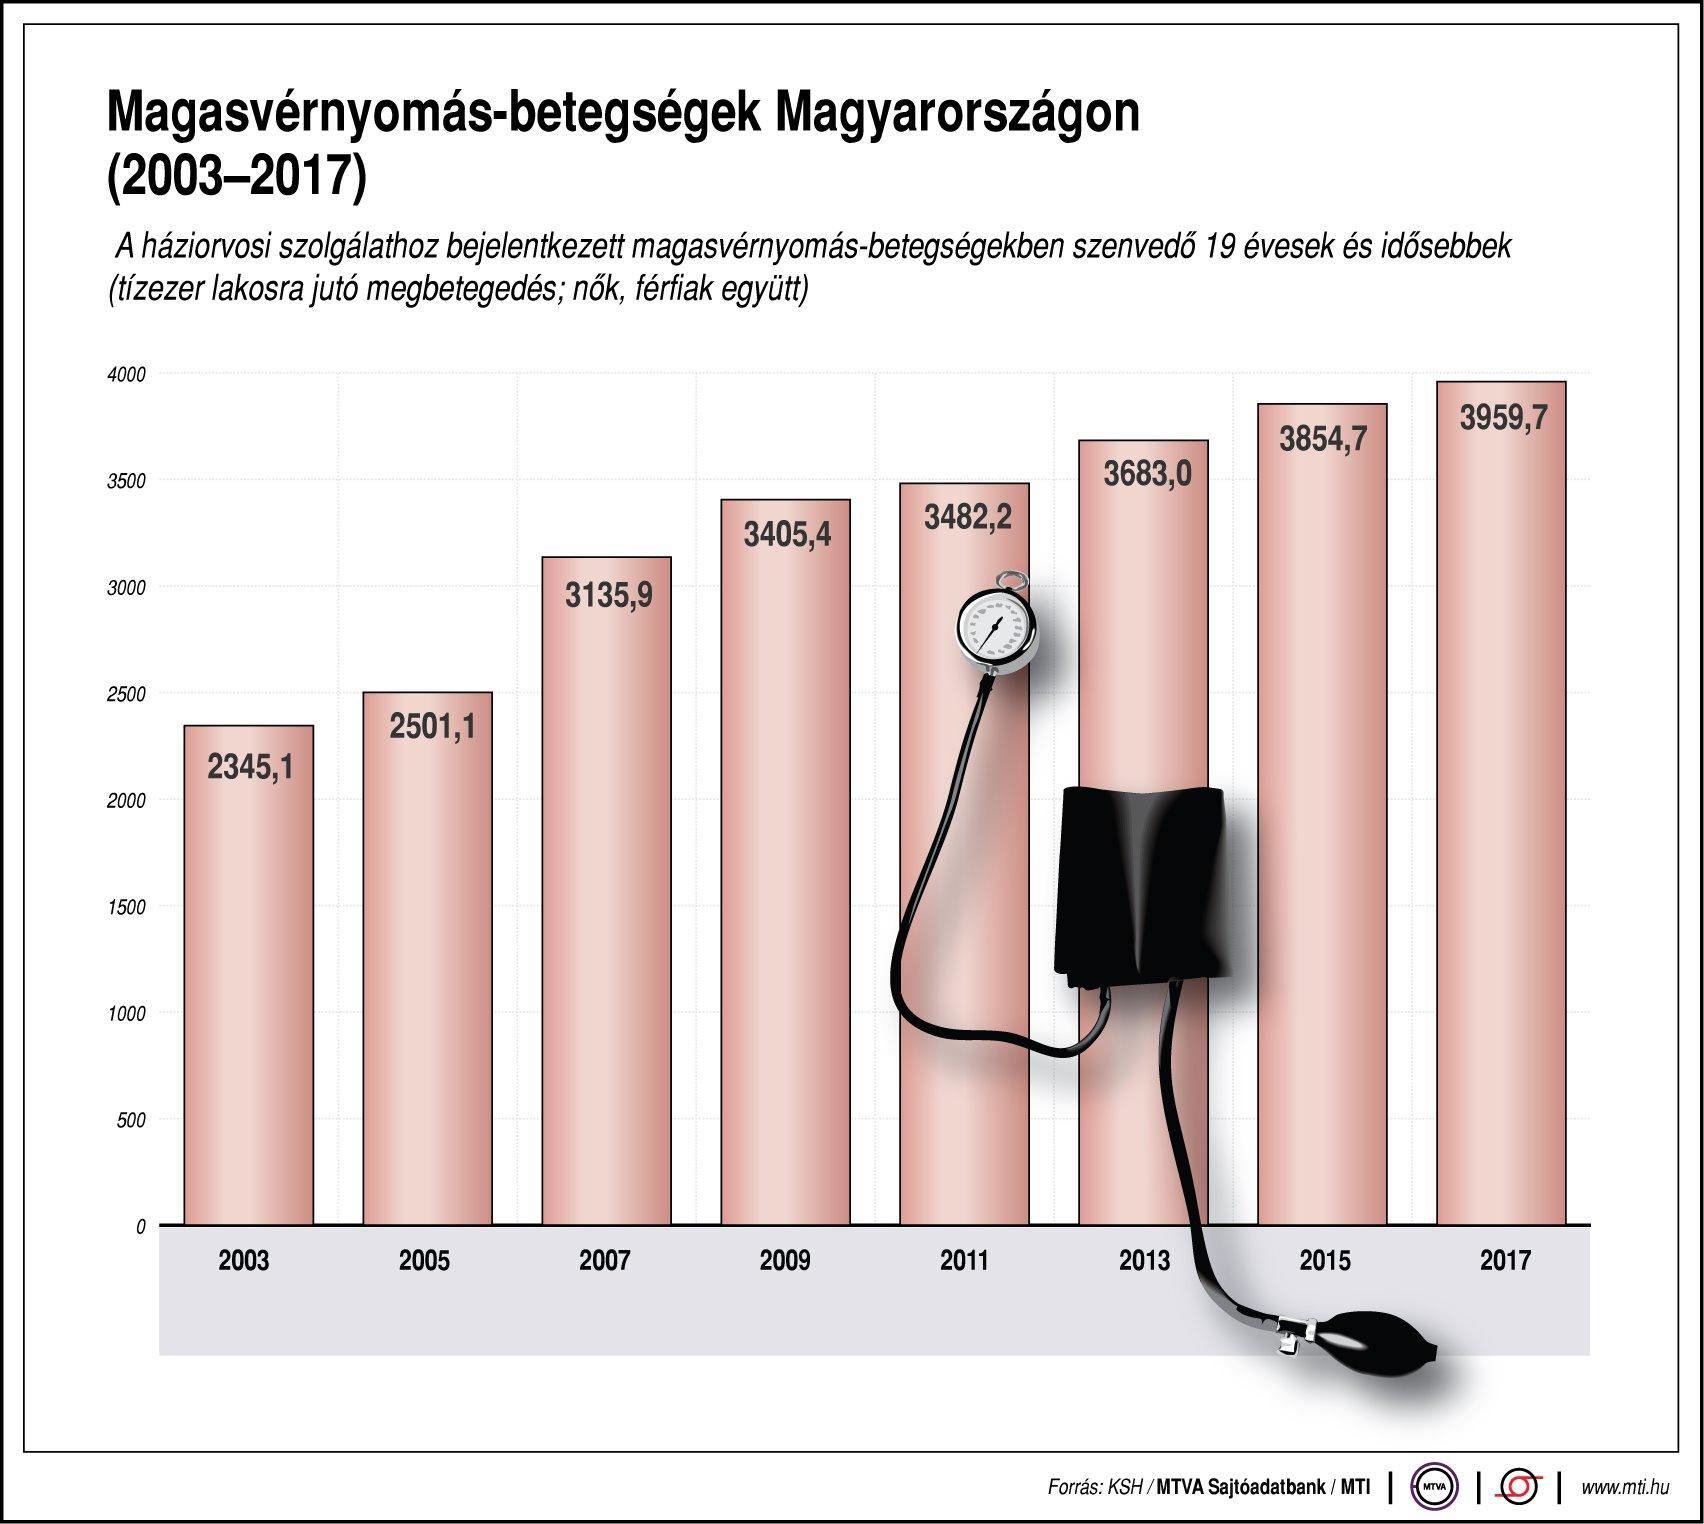 magas vérnyomás és az ASD 2 frakció alkalmazása emberek számára segítsen magának alekseev magas vérnyomás